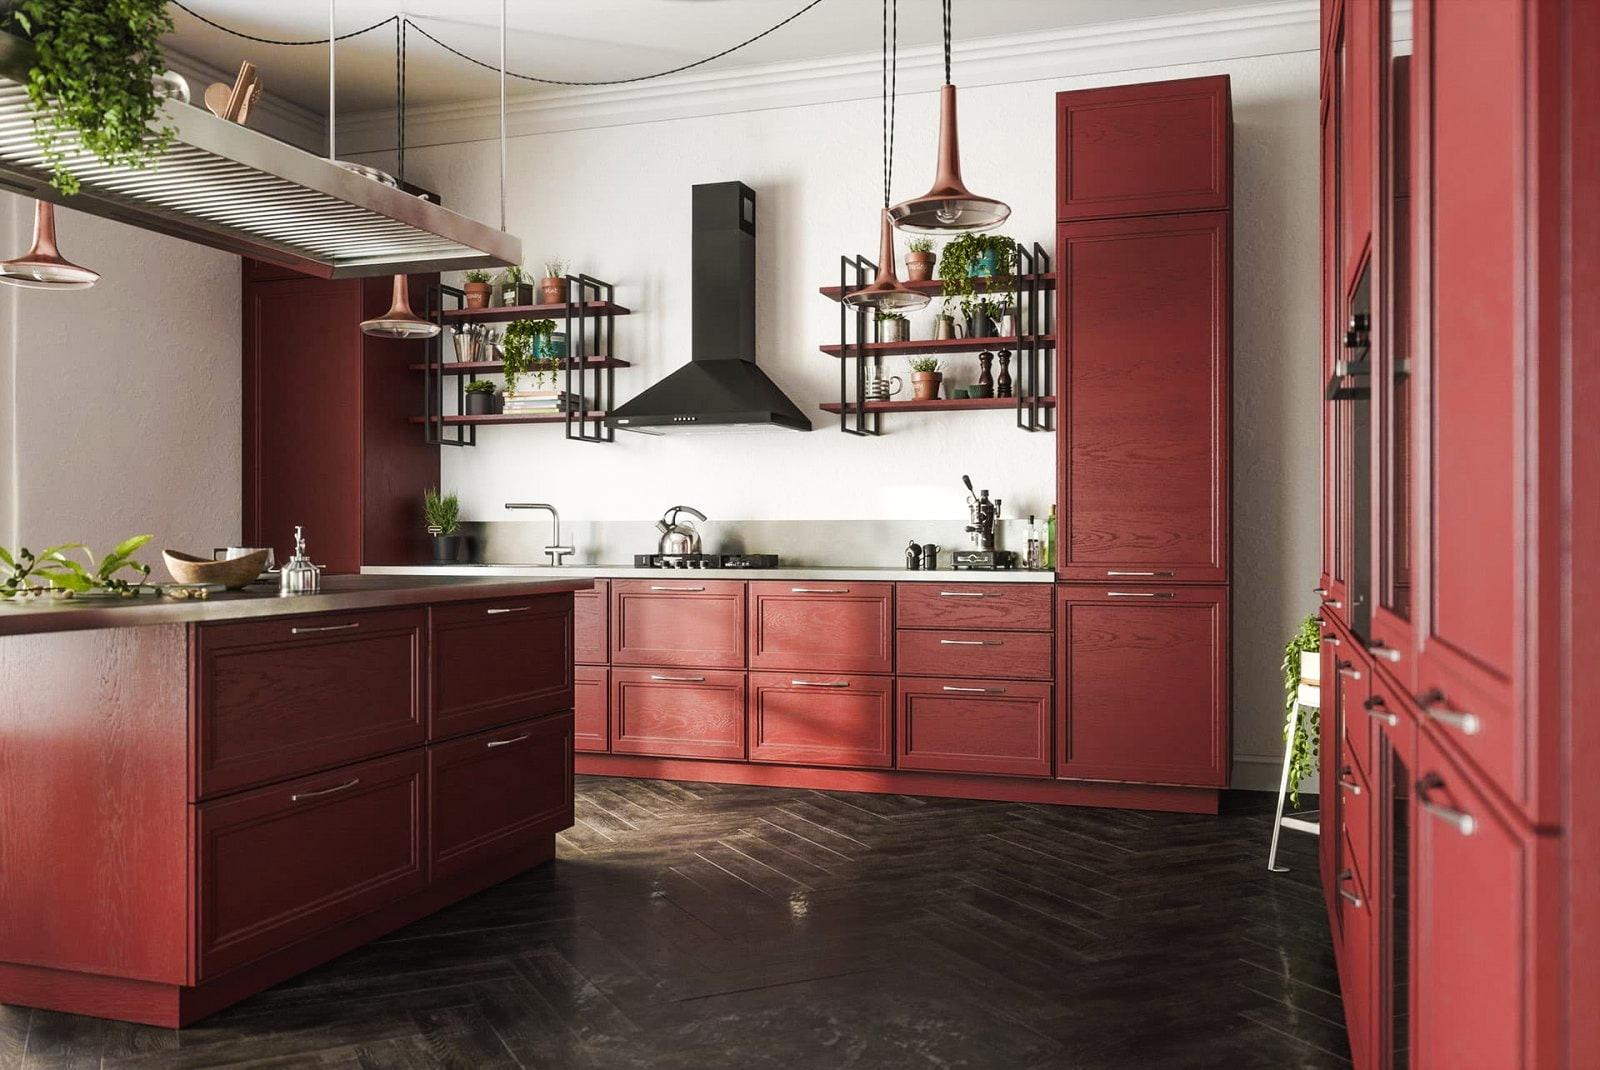 küche im landhausstil küchenzeile mit elektrogeräten